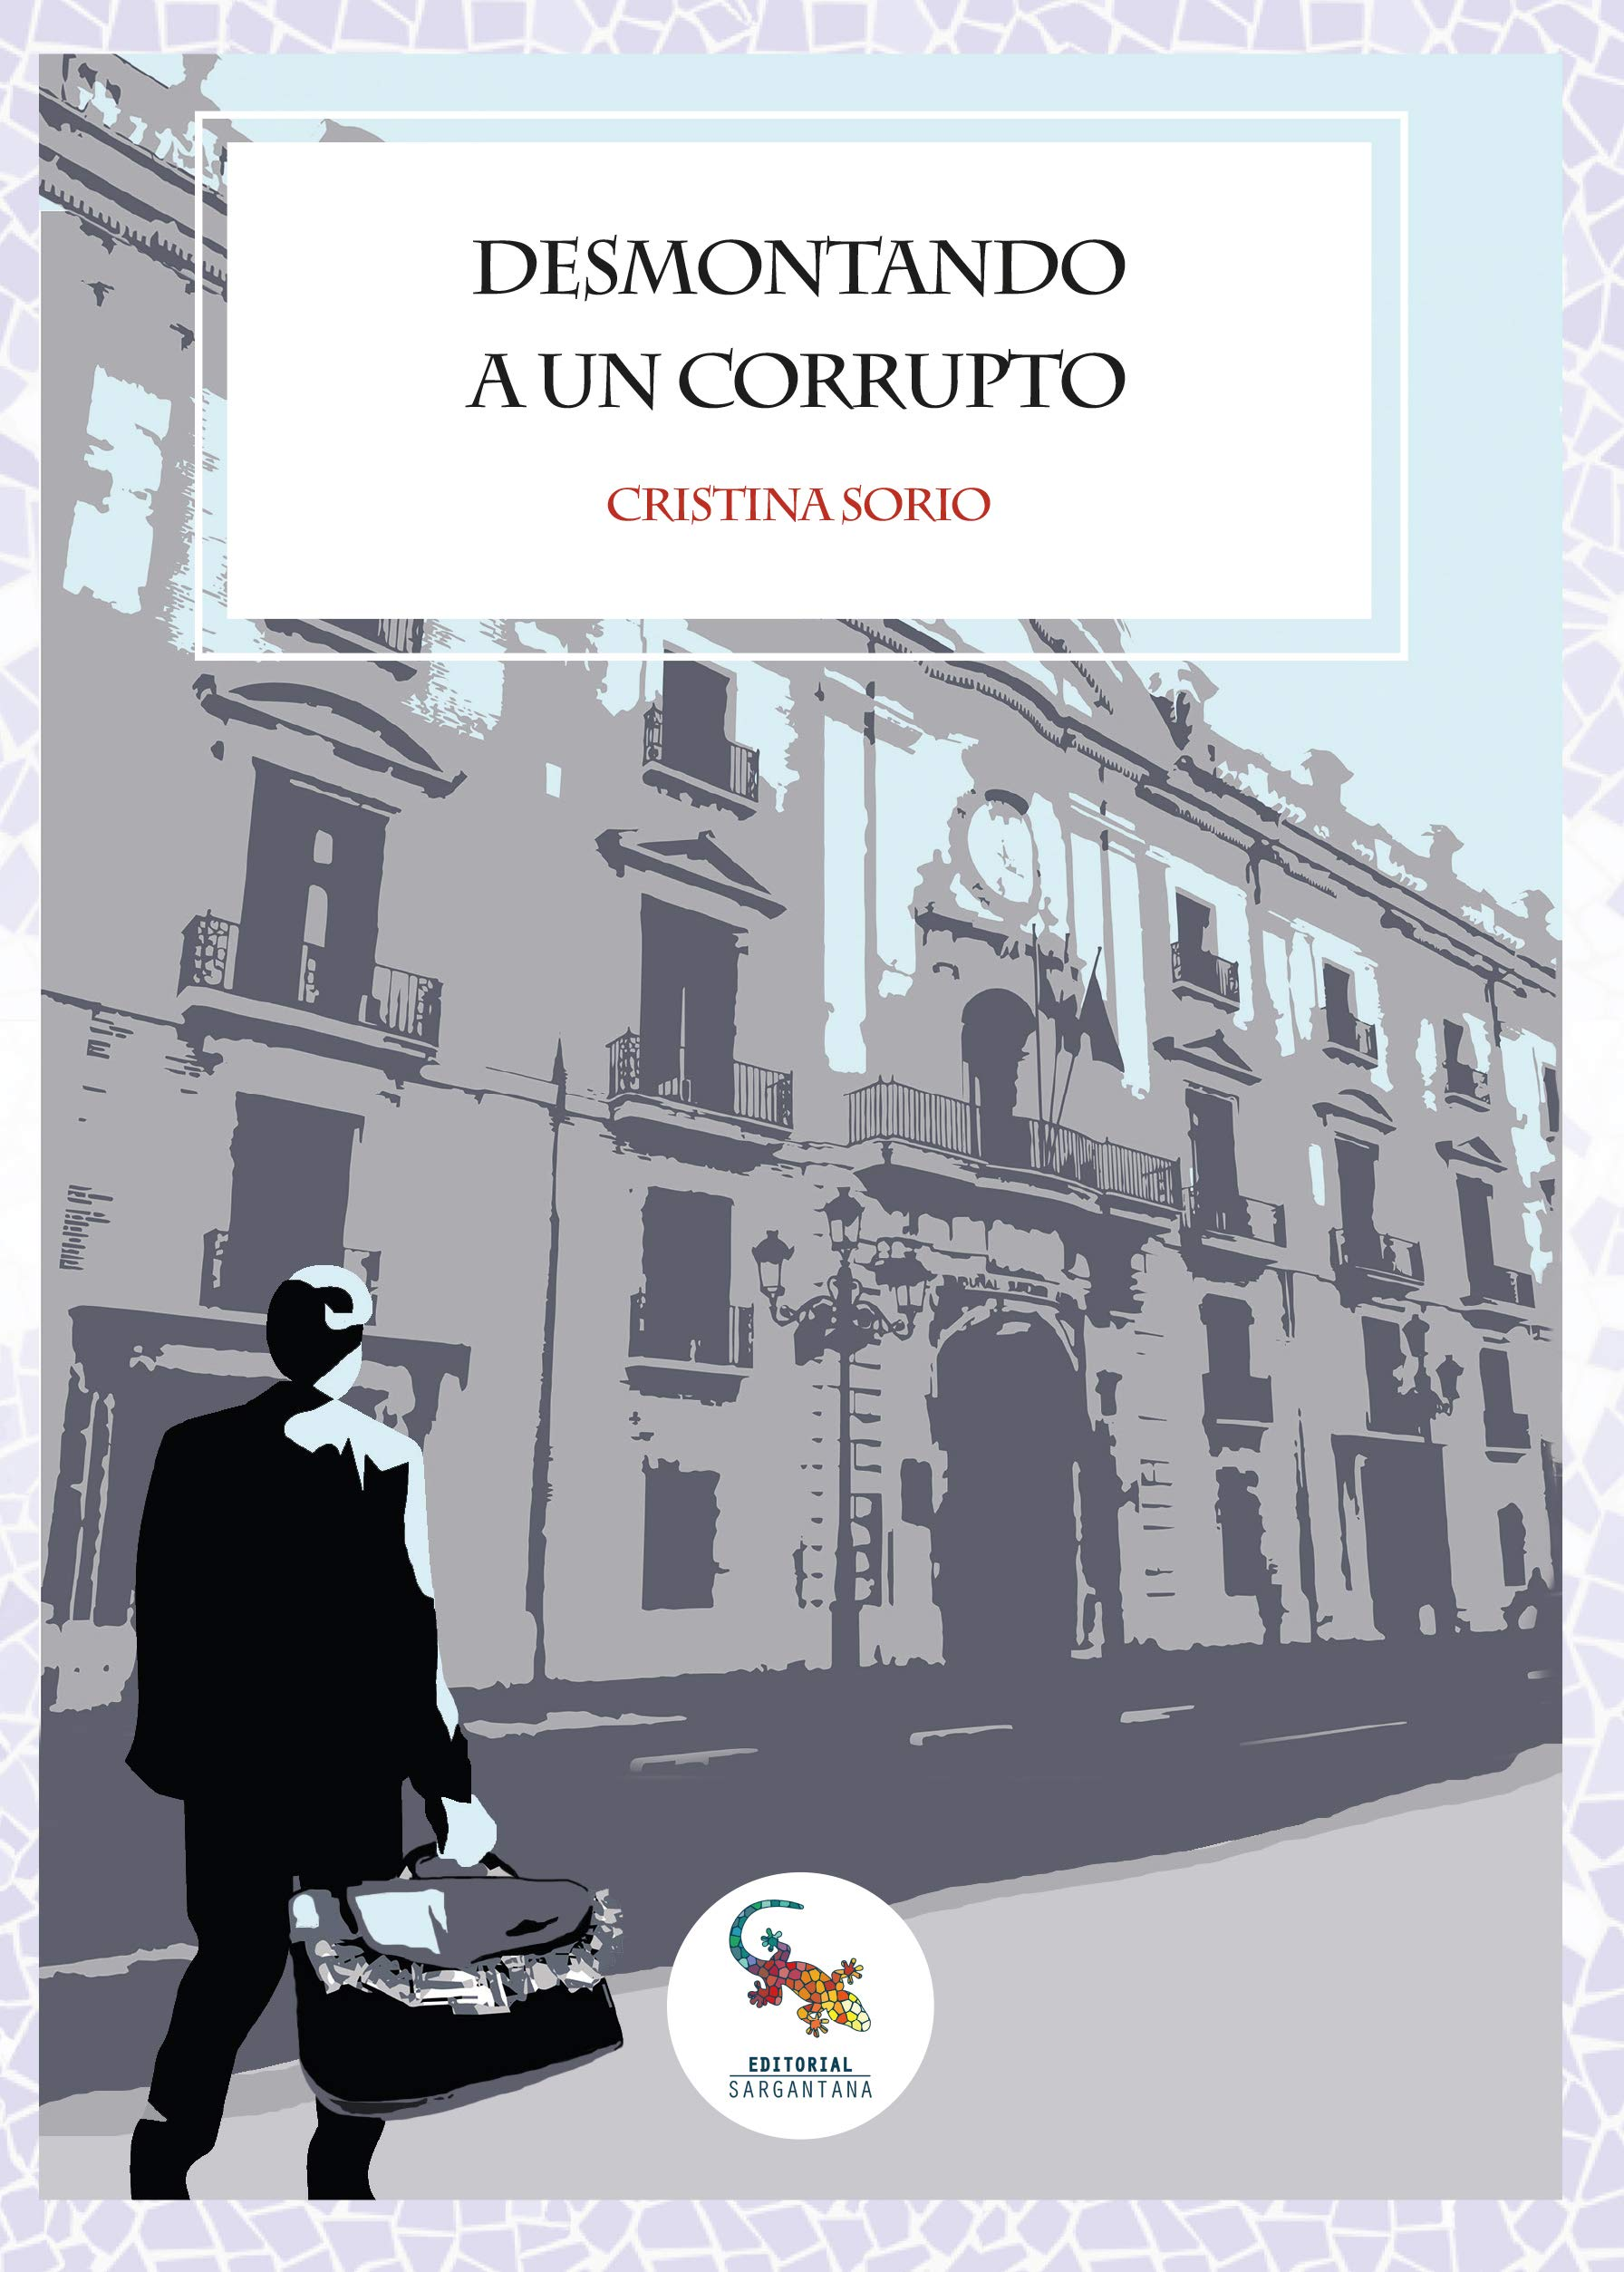 DESMONTANDO A UN CORRUPTO: Amazon.es: Sorio, Cristina: Libros